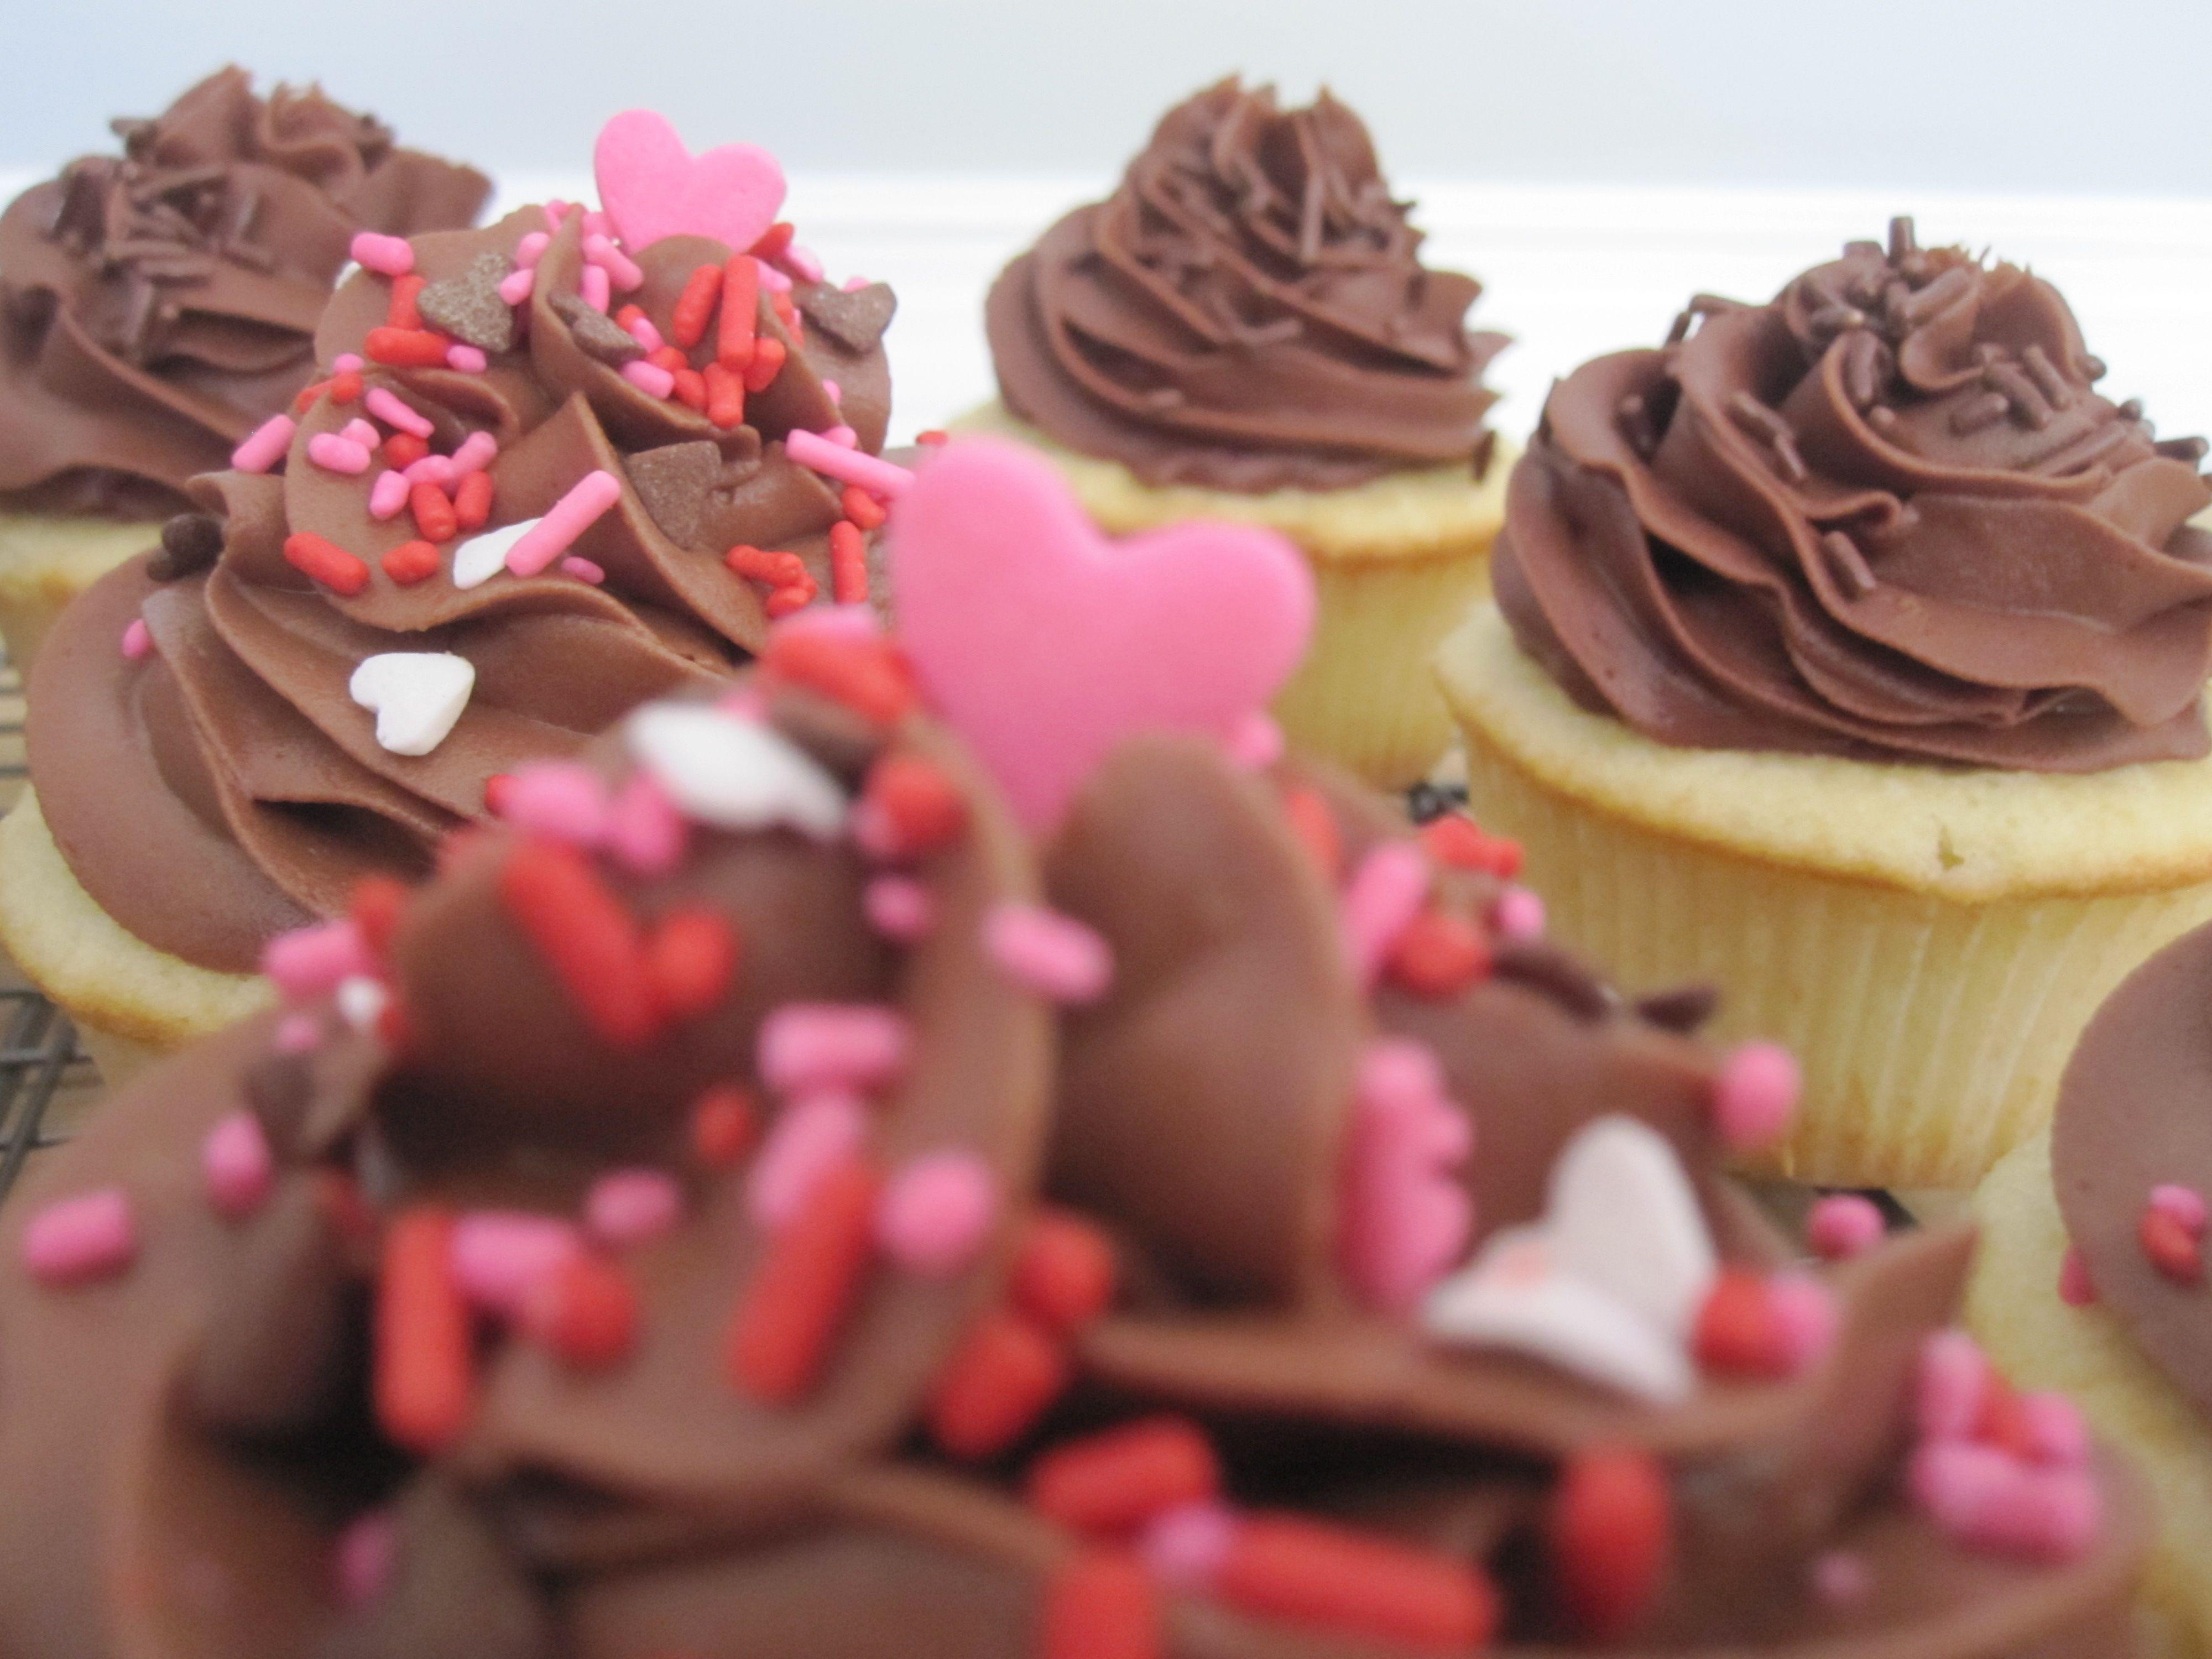 Birthday cupcakes birthday cupcakes desserts cupcakes